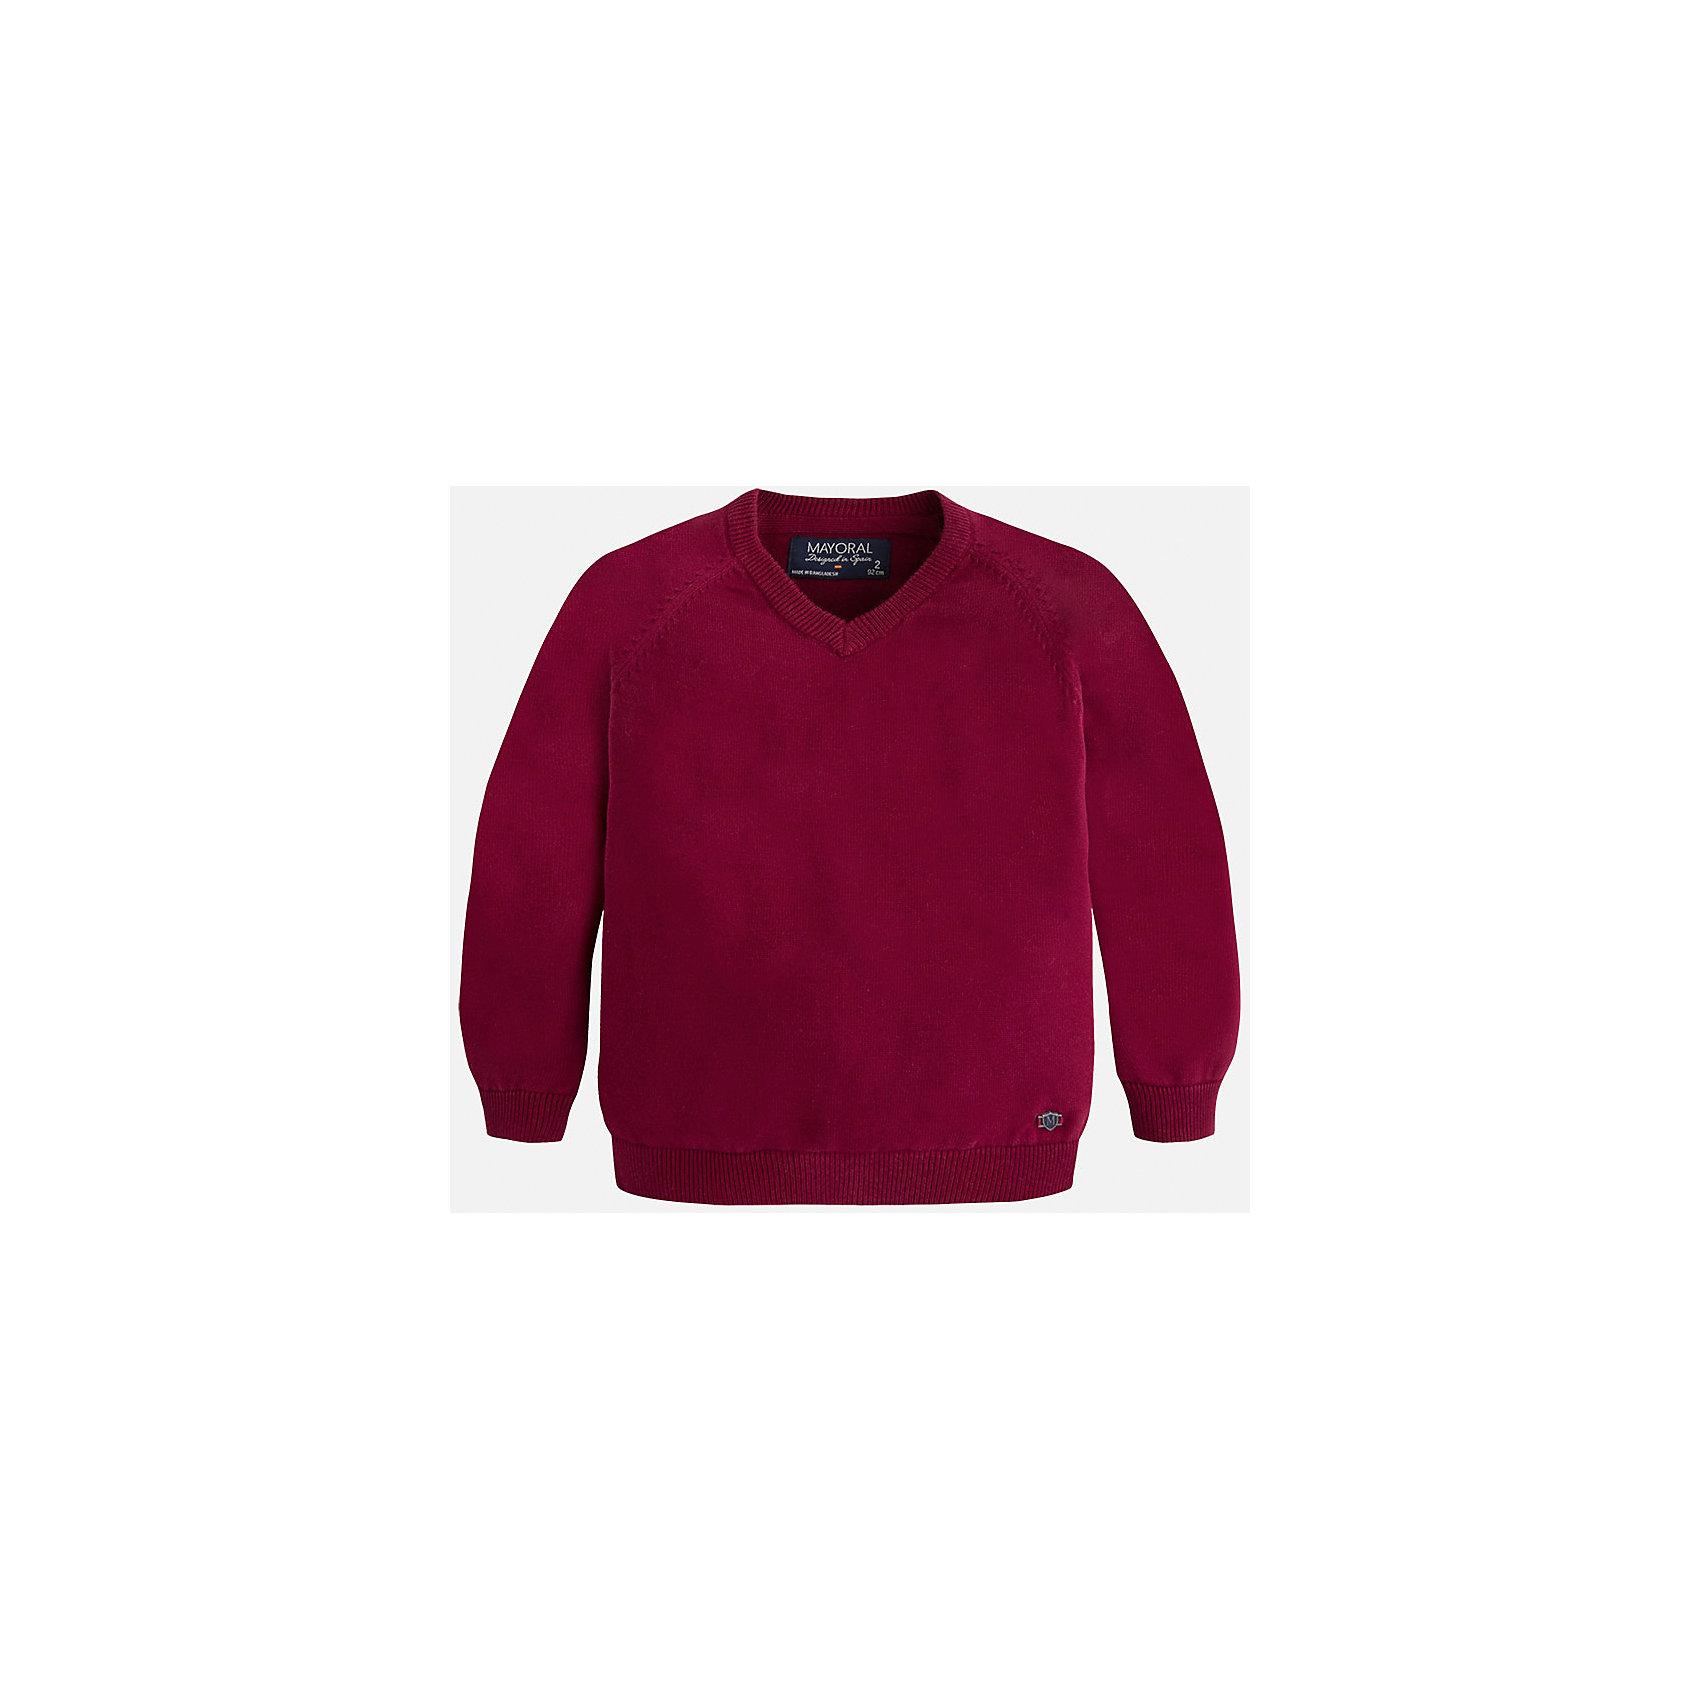 Свитер для мальчика MayoralСтильный свитер для настоящего джентльмена с V- образным вырезом! У свитера классический крой и красивый вырез, поэтому его можно комбинировать с разными вещими и носить в любой сезон.<br><br>Дополнительная информация:<br><br>- Прямой крой,V- образный вырез. <br>- Страна бренда: Испания.<br>- Состав: хлопок 100%<br>- Цвет: бордовый.<br>- Уход: бережная стирка при 30 градусах.<br><br>Купить свитер для мальчика Mayoral можно в нашем магазине.<br><br>Ширина мм: 190<br>Глубина мм: 74<br>Высота мм: 229<br>Вес г: 236<br>Цвет: бордовый<br>Возраст от месяцев: 48<br>Возраст до месяцев: 60<br>Пол: Мужской<br>Возраст: Детский<br>Размер: 110,128,98,104,116,122,134<br>SKU: 4821679